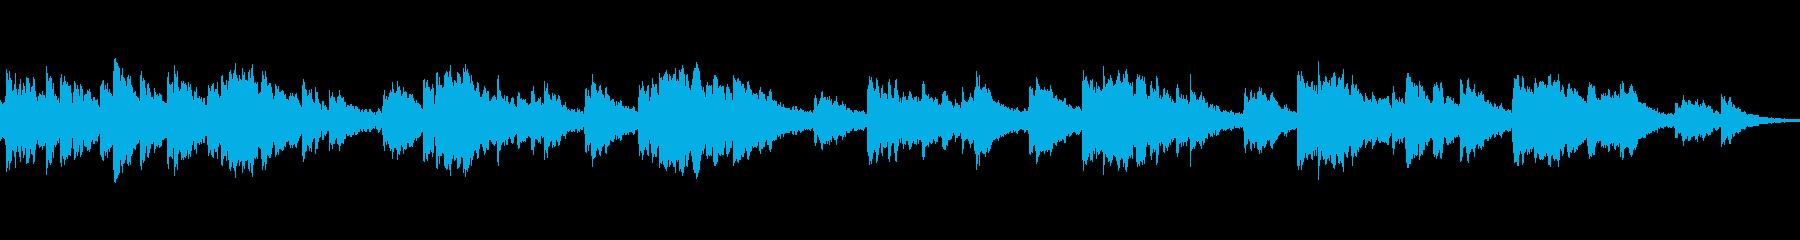 シリアスで響きが綺麗なメロディーの再生済みの波形